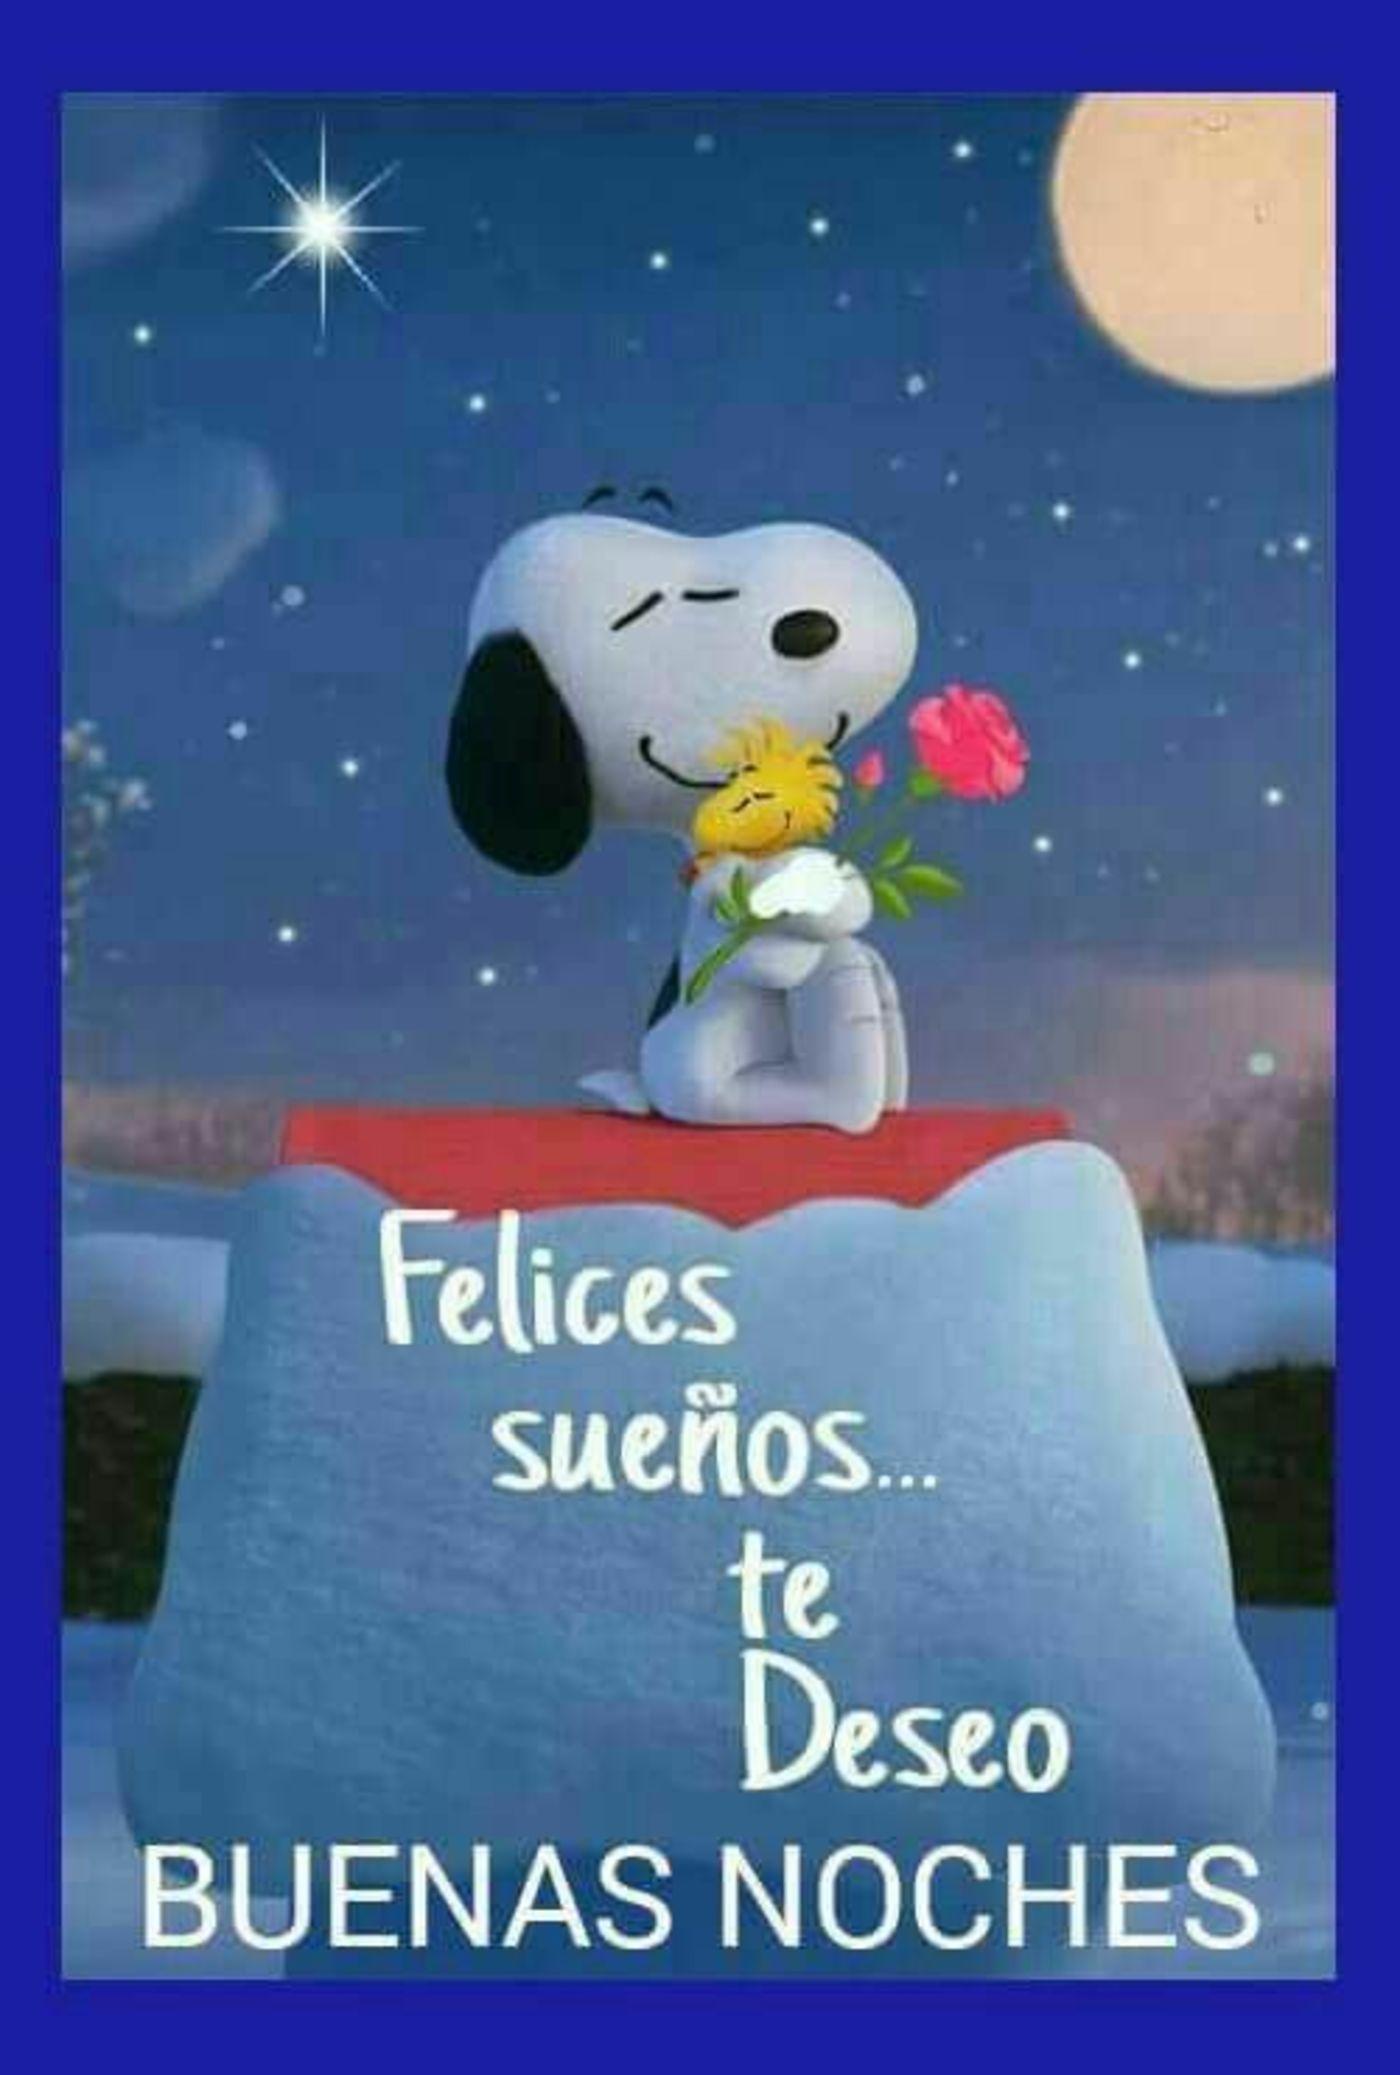 felices sueños...te deseo buenas noches